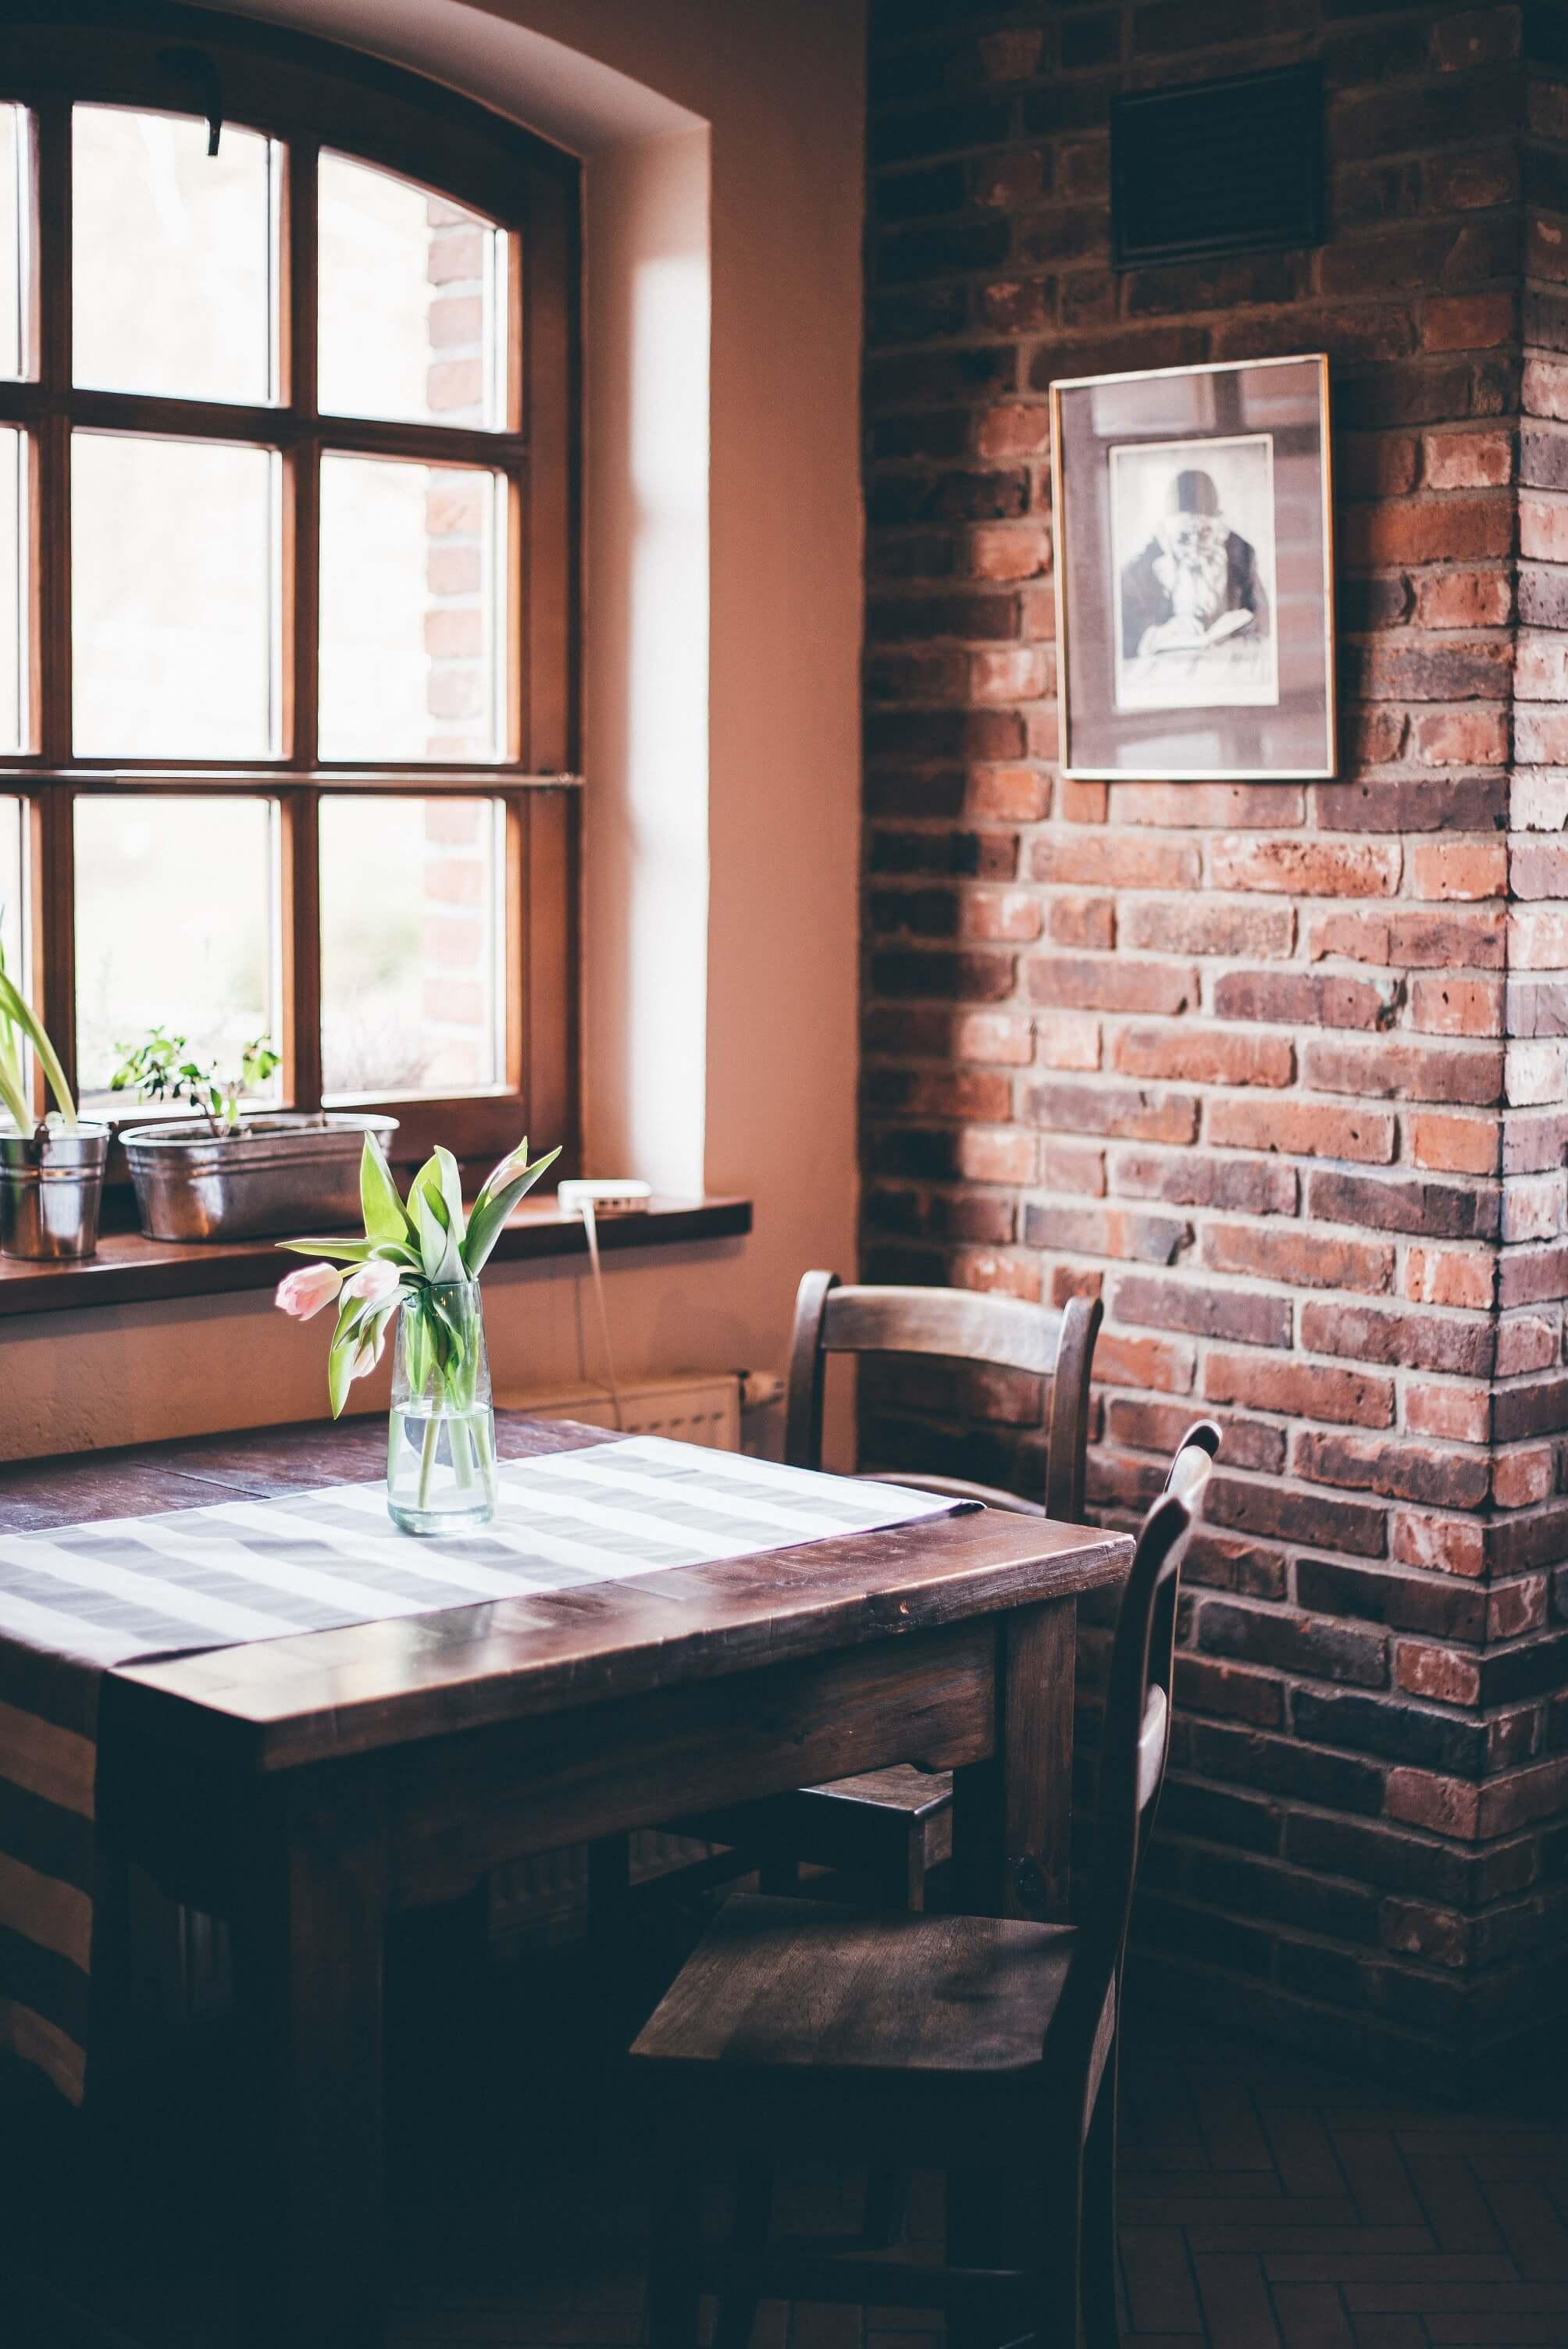 tabun 1 29 1 - Escape from the city - Tabun restaurant